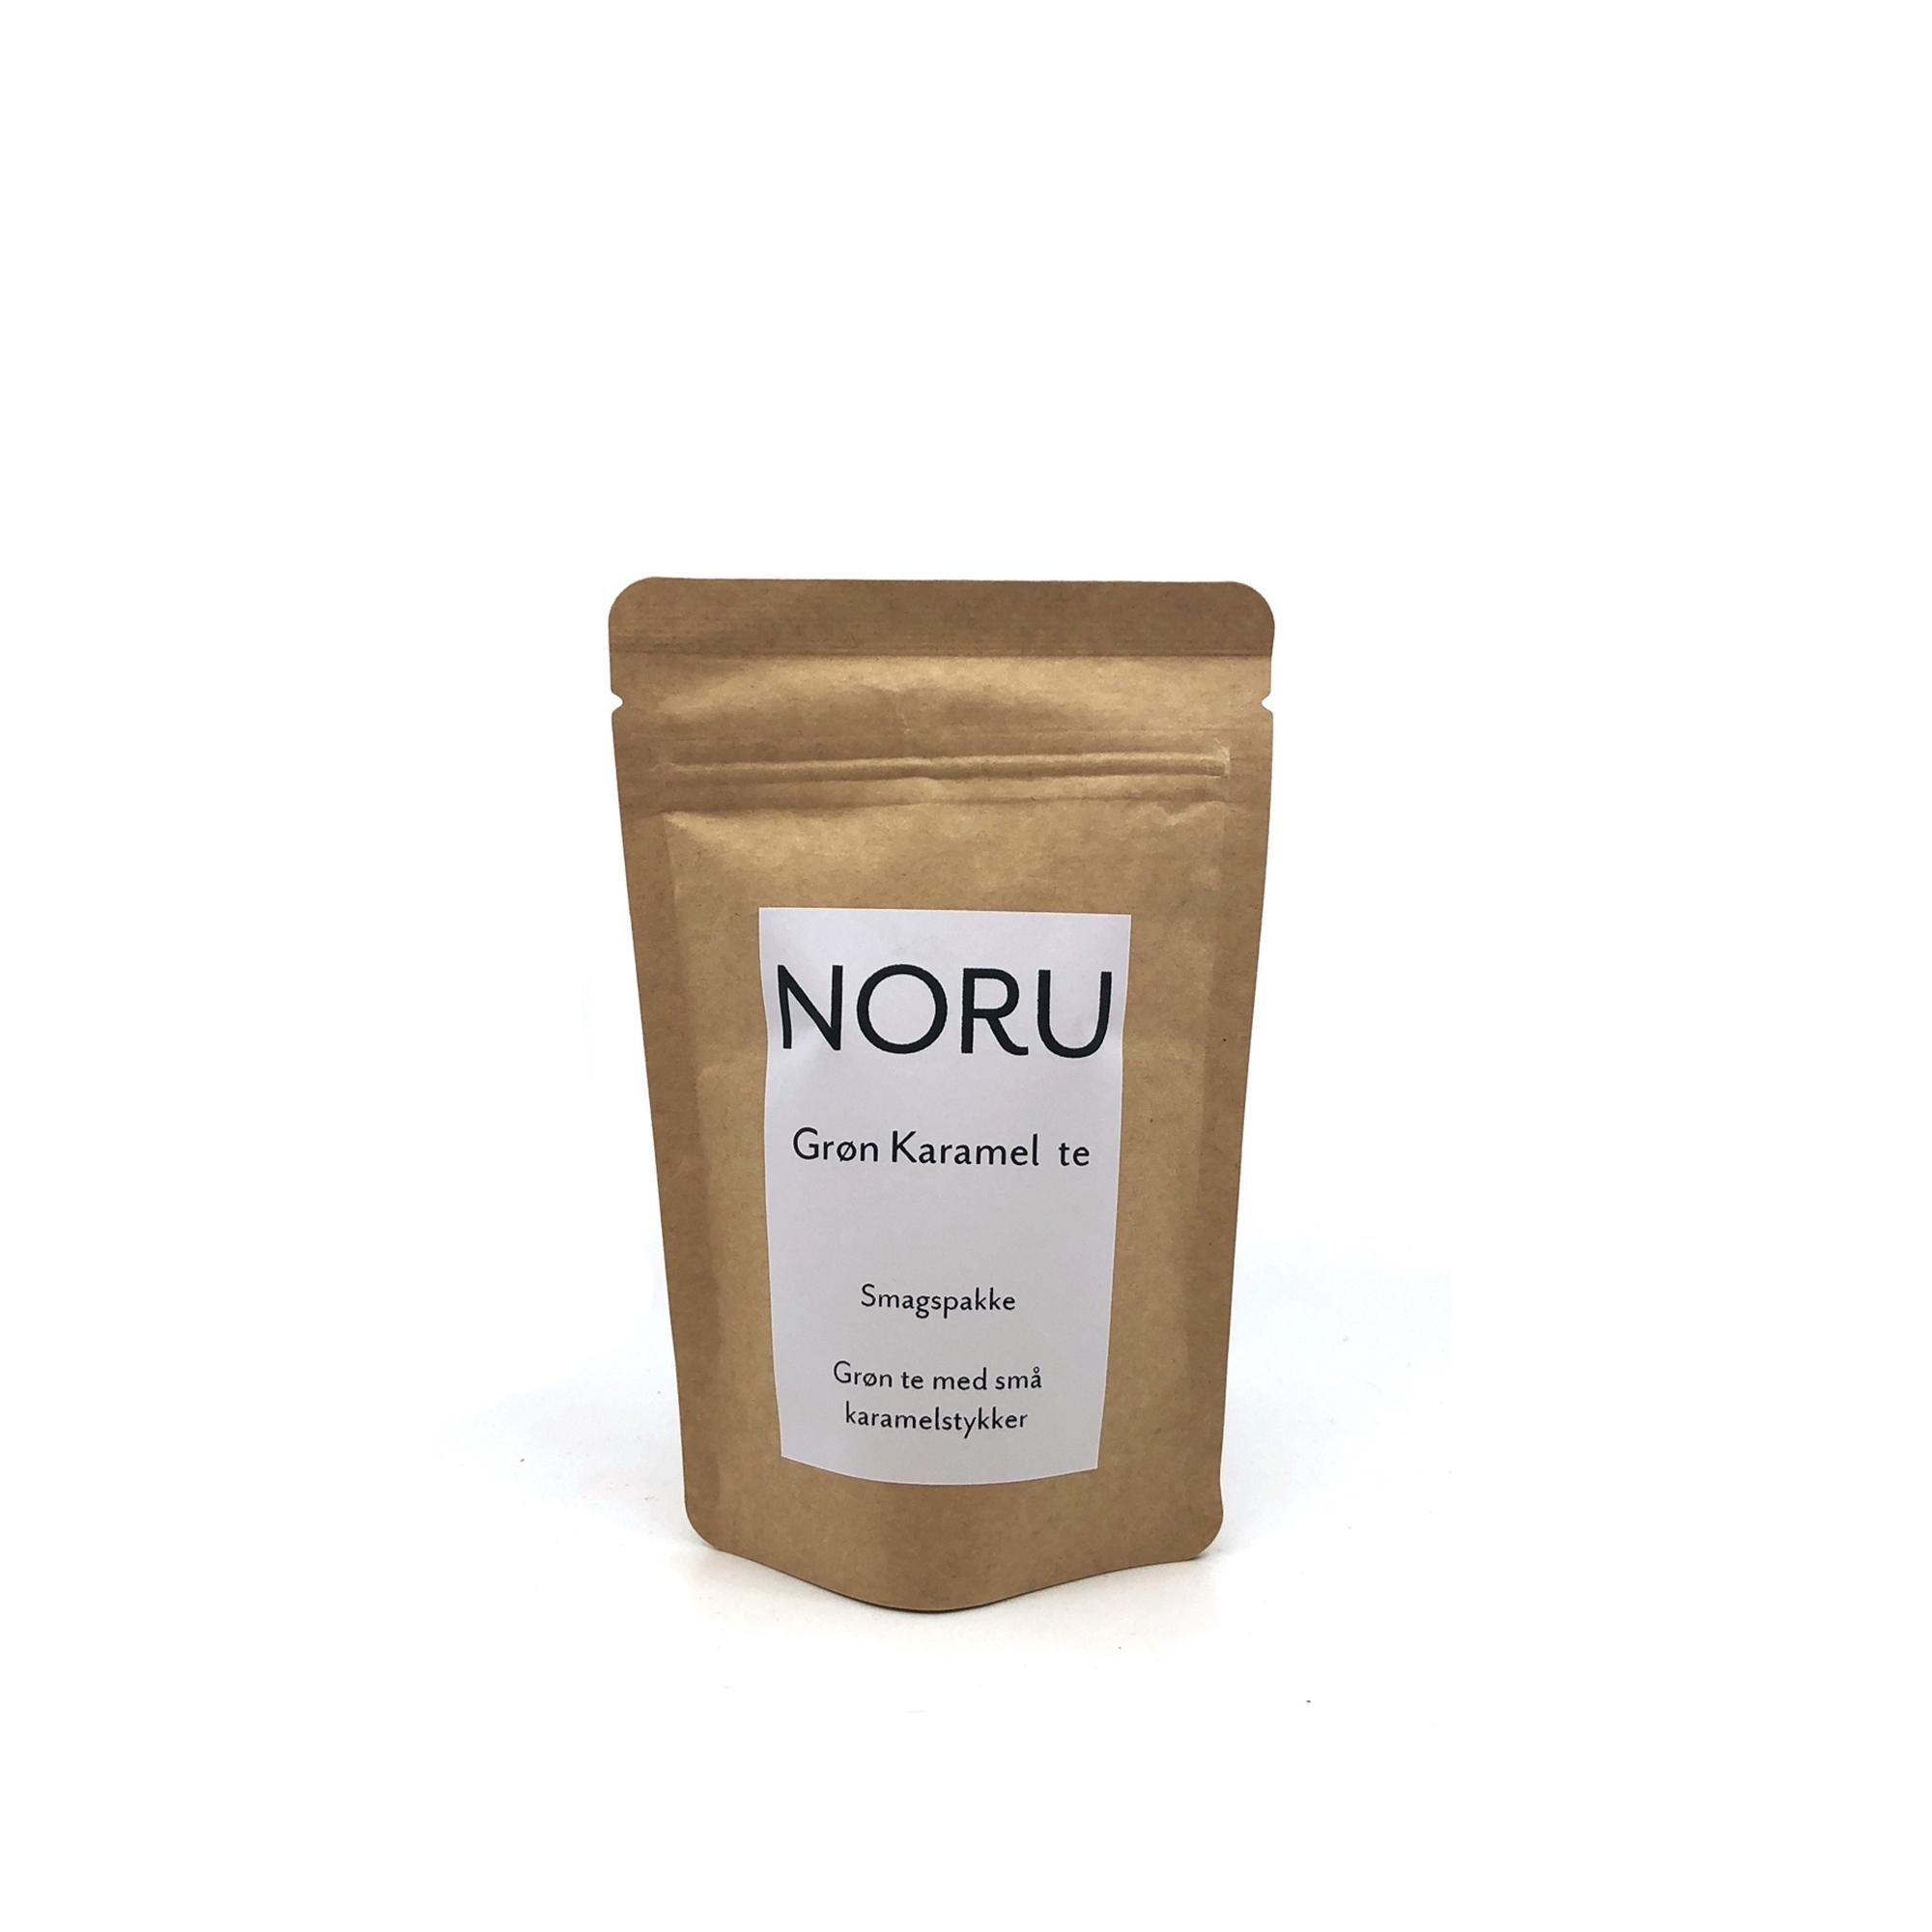 Billede af NORU, Grøn Karamel te - smagsprøve